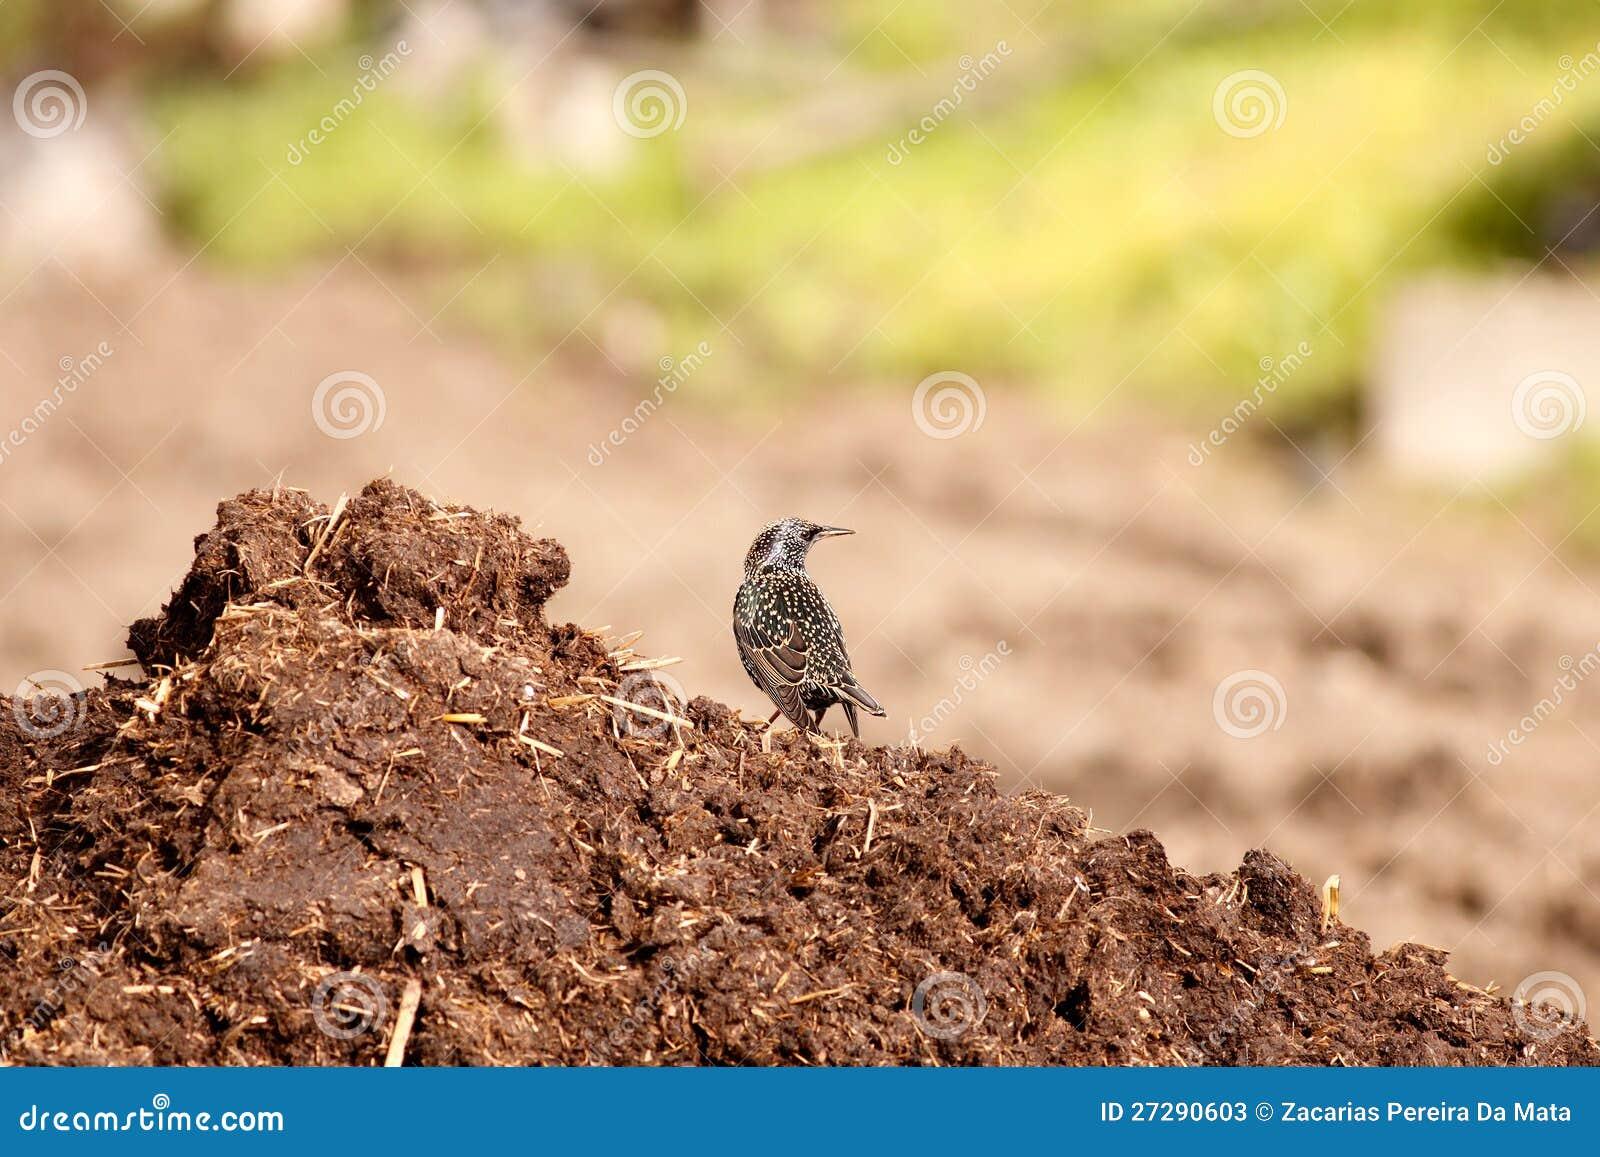 Starling e concime